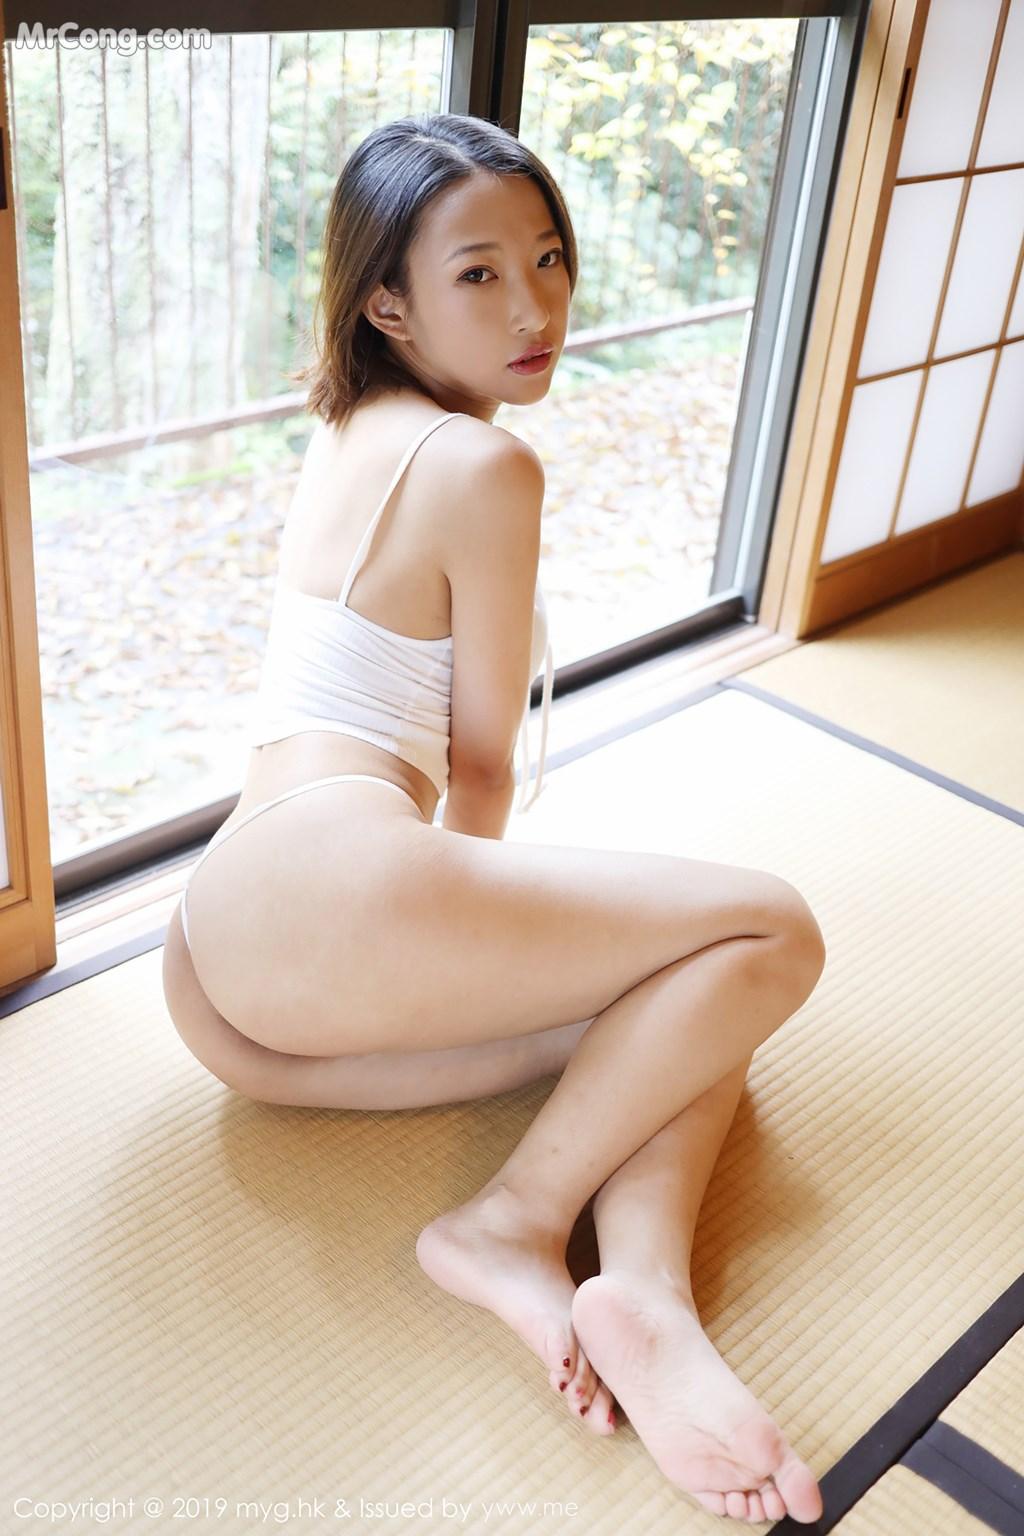 Image MyGirl-Vol.339-Riz-MrCong.com-009 in post MyGirl Vol.339: Người mẫu 栗子Riz (41 ảnh)